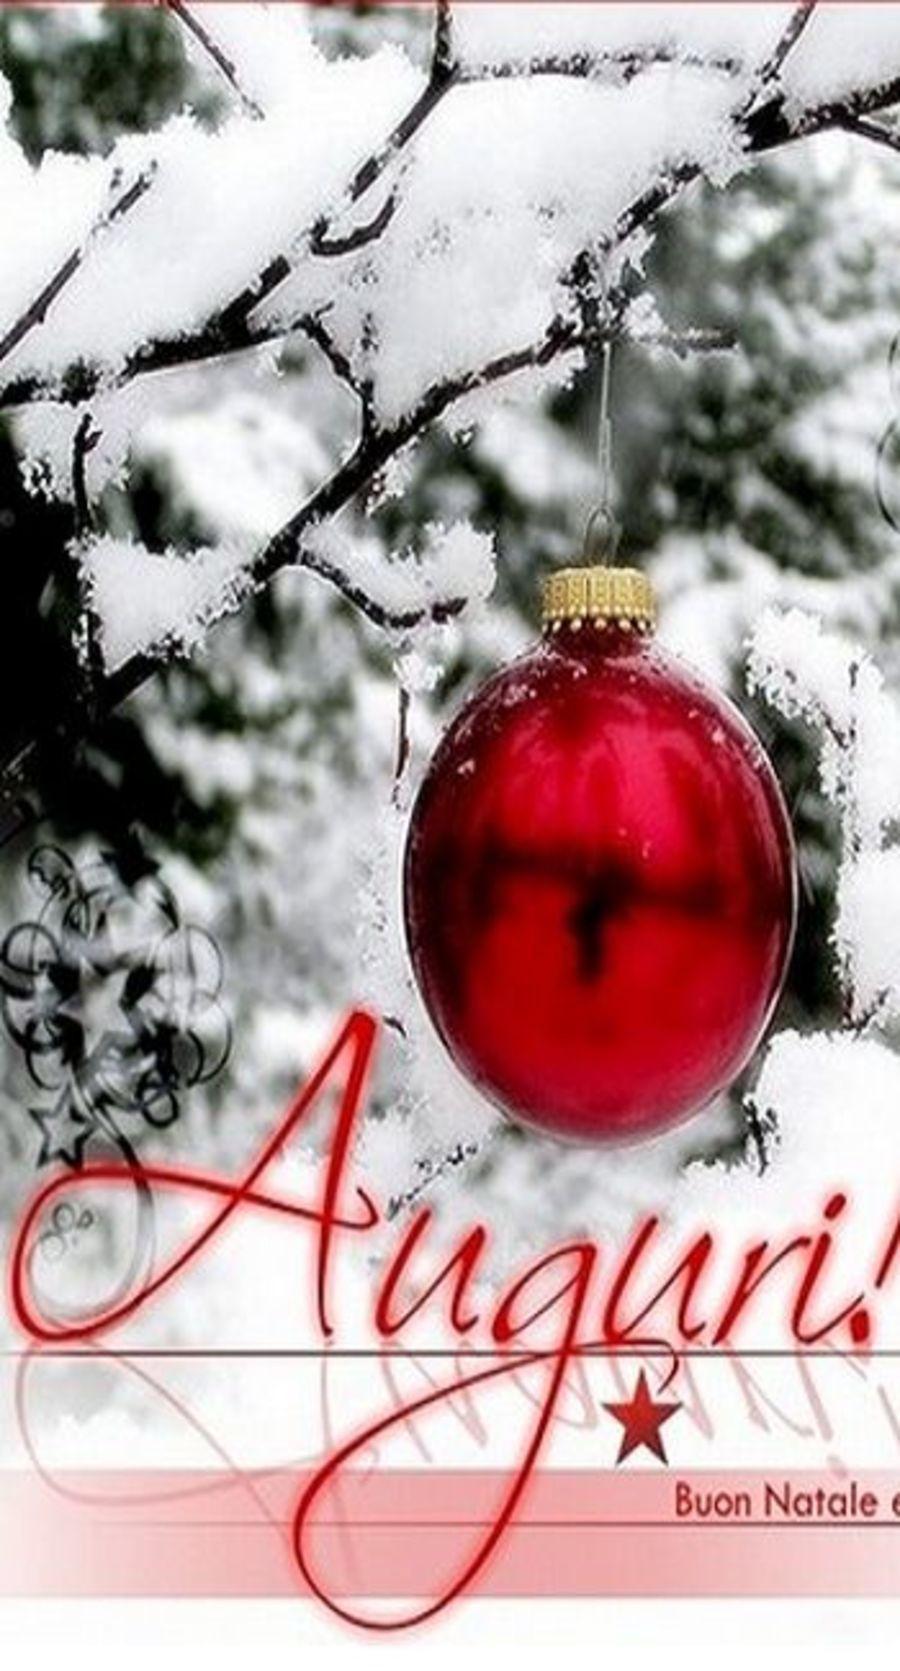 Buon Natale Immagini Gratis